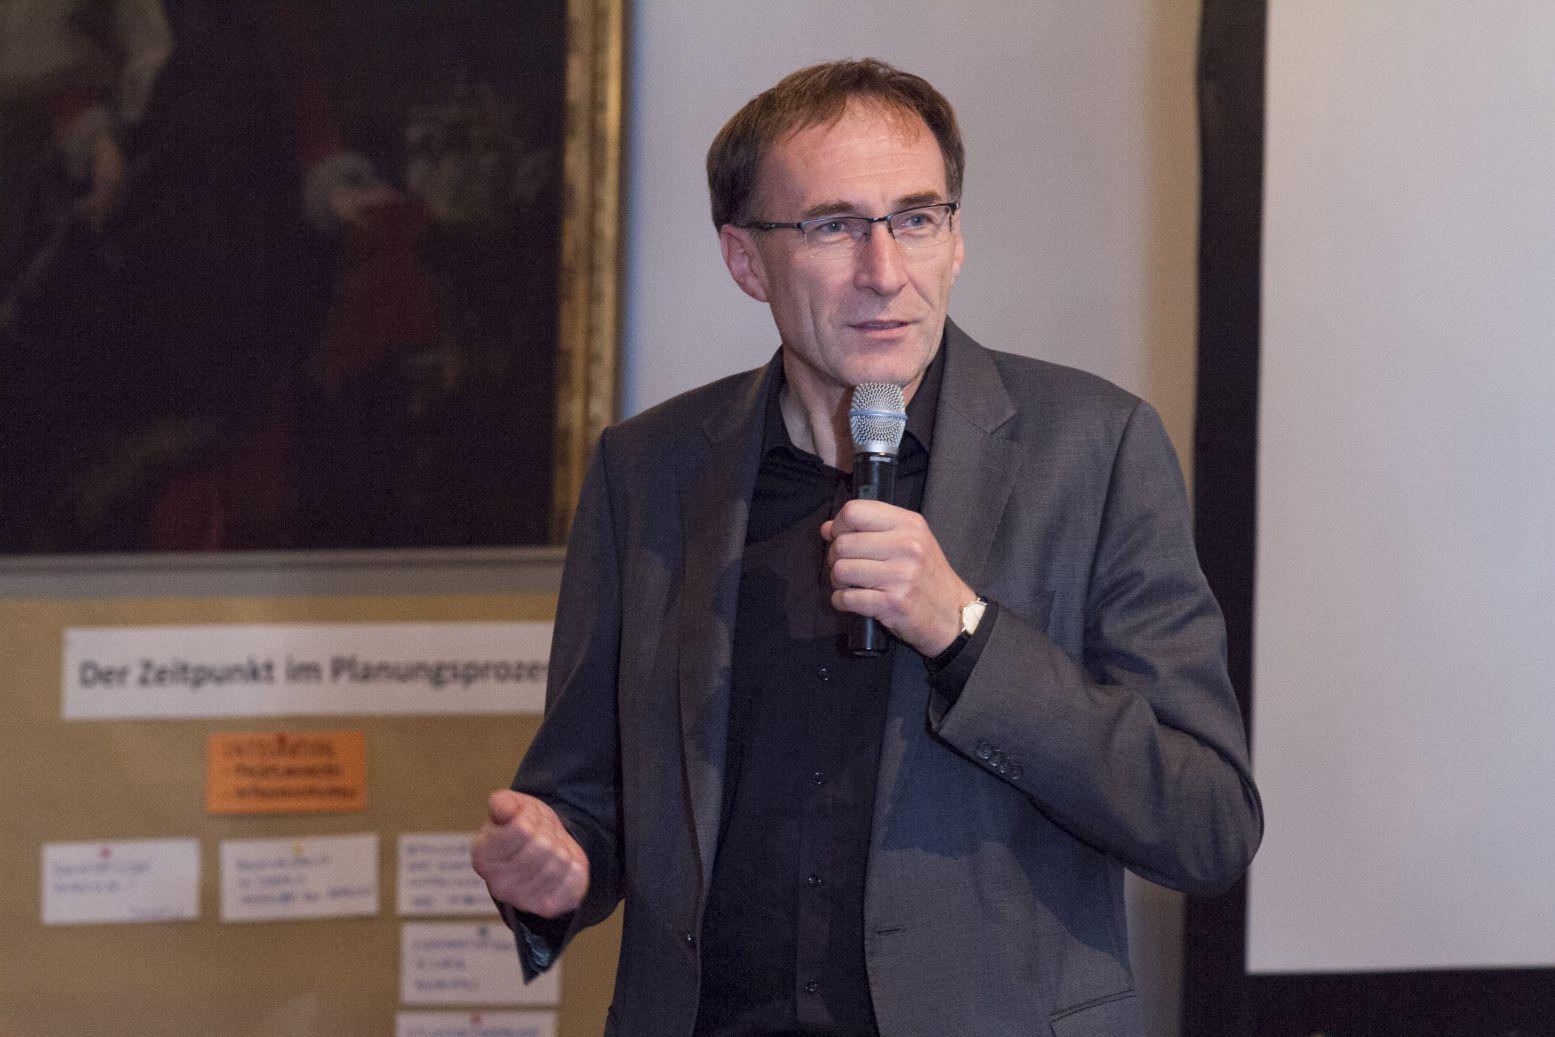 Der Baubürgermeister der Stadt Freiburg im Breisgau, Herr Prof. Dr. Martin Haag; Foto: A. J. Schmidt